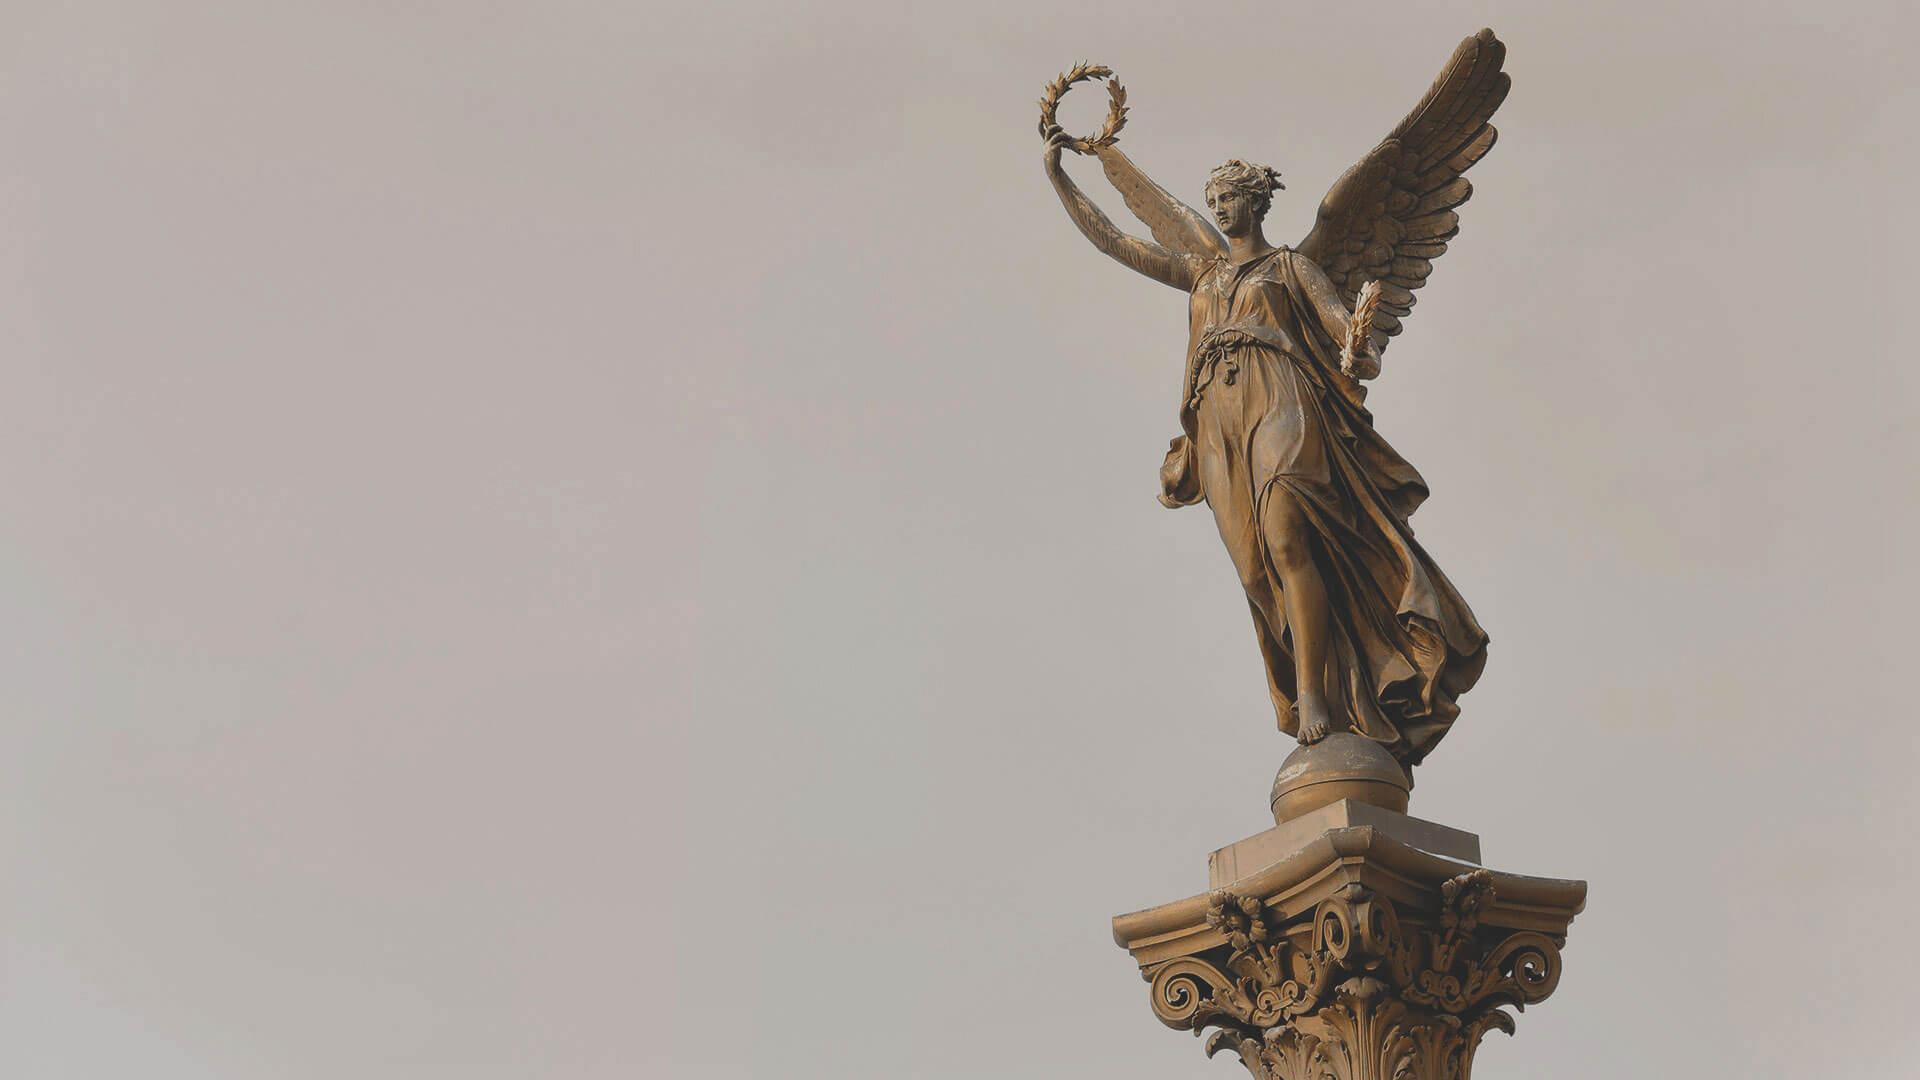 servicios jurídicos en abogados de tus deudas